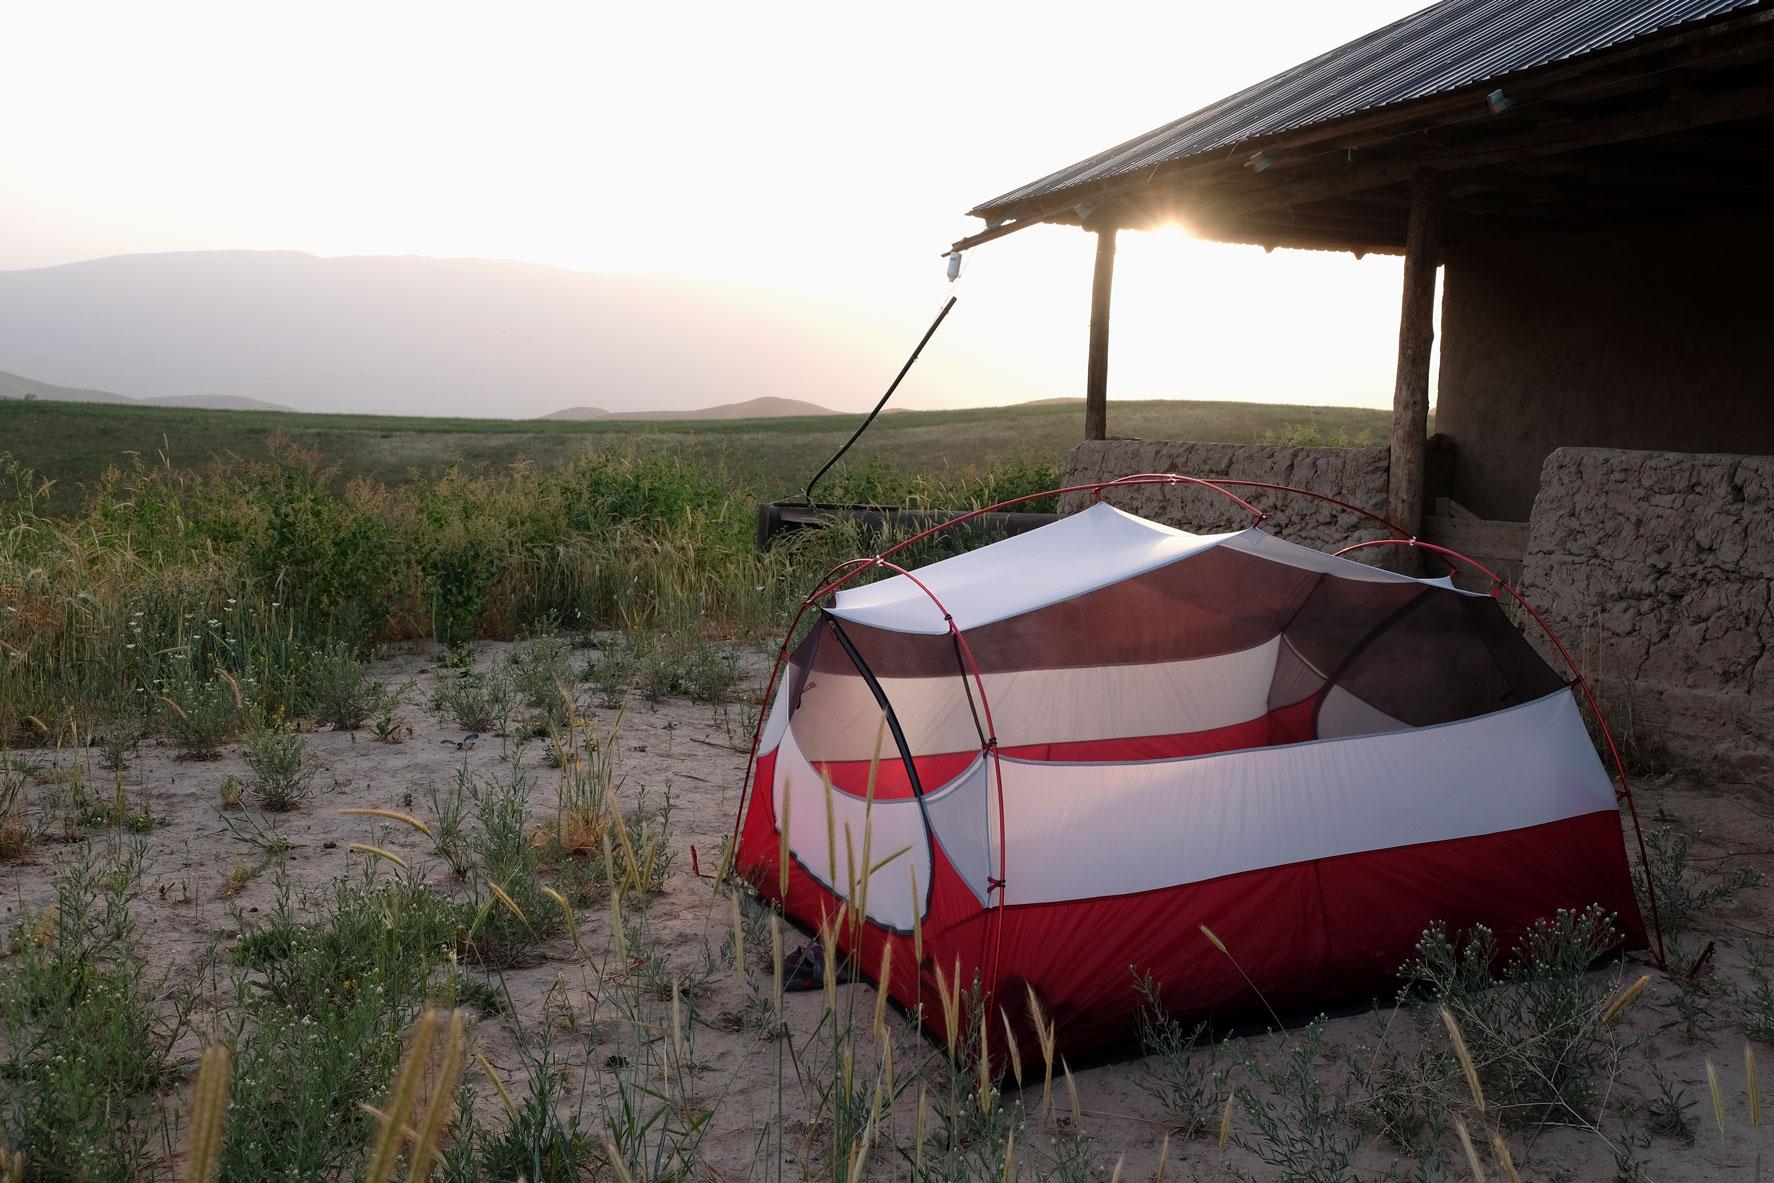 Ein Zelt steht neben einer Hütte auf einer Wiese.